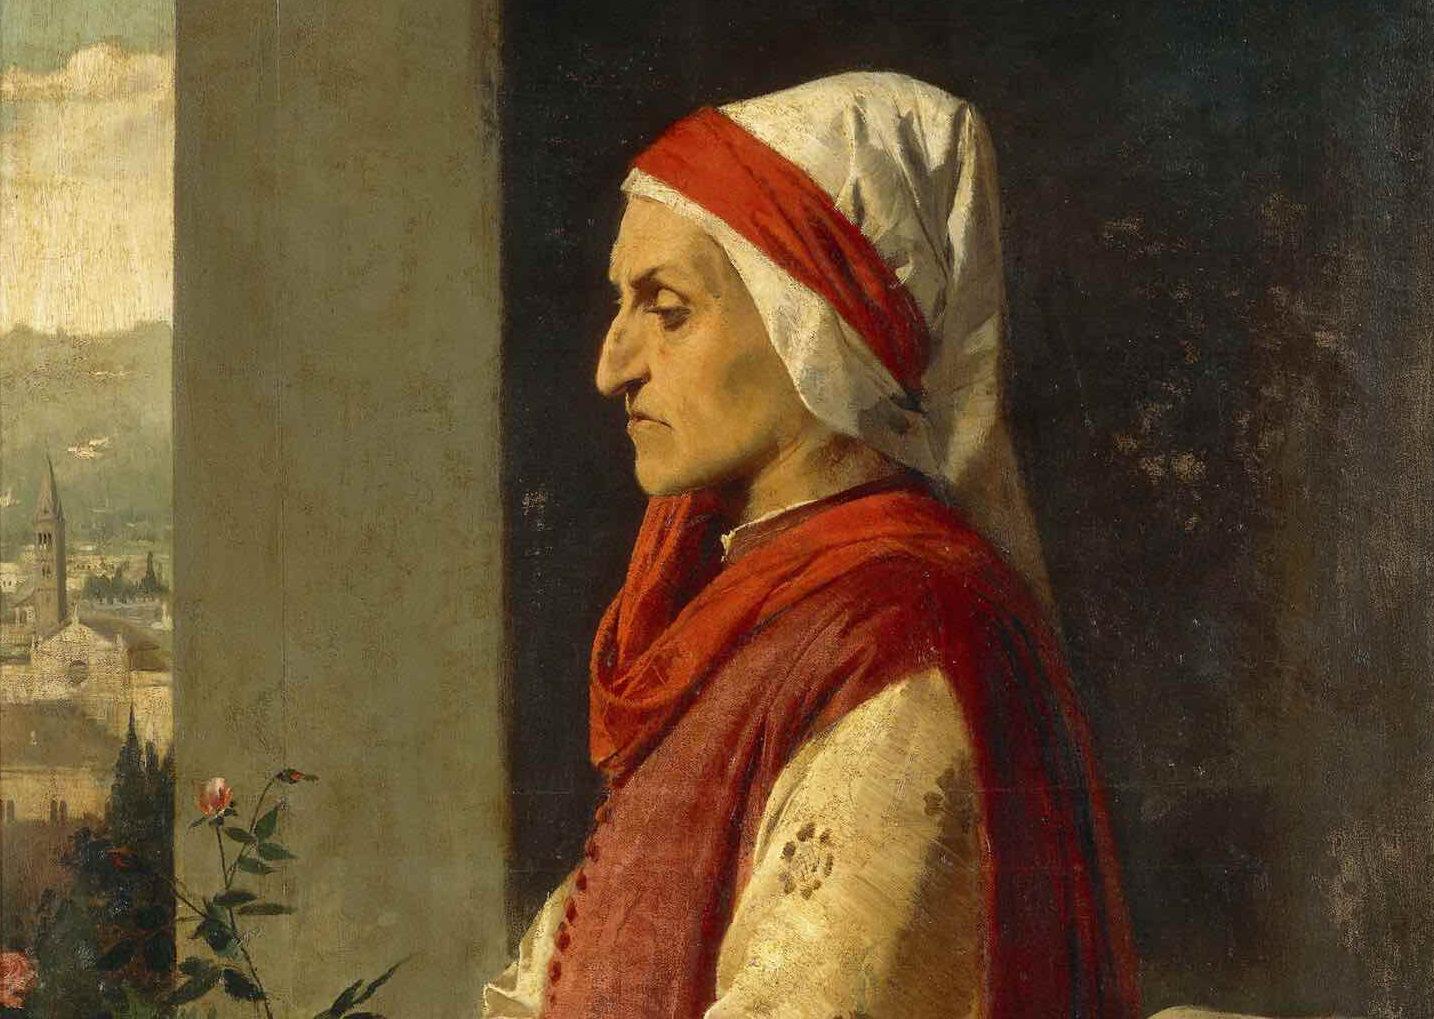 Celebrare il settimo centenario della morte di Dante sfogliando la Commedia all'Ambrosiana